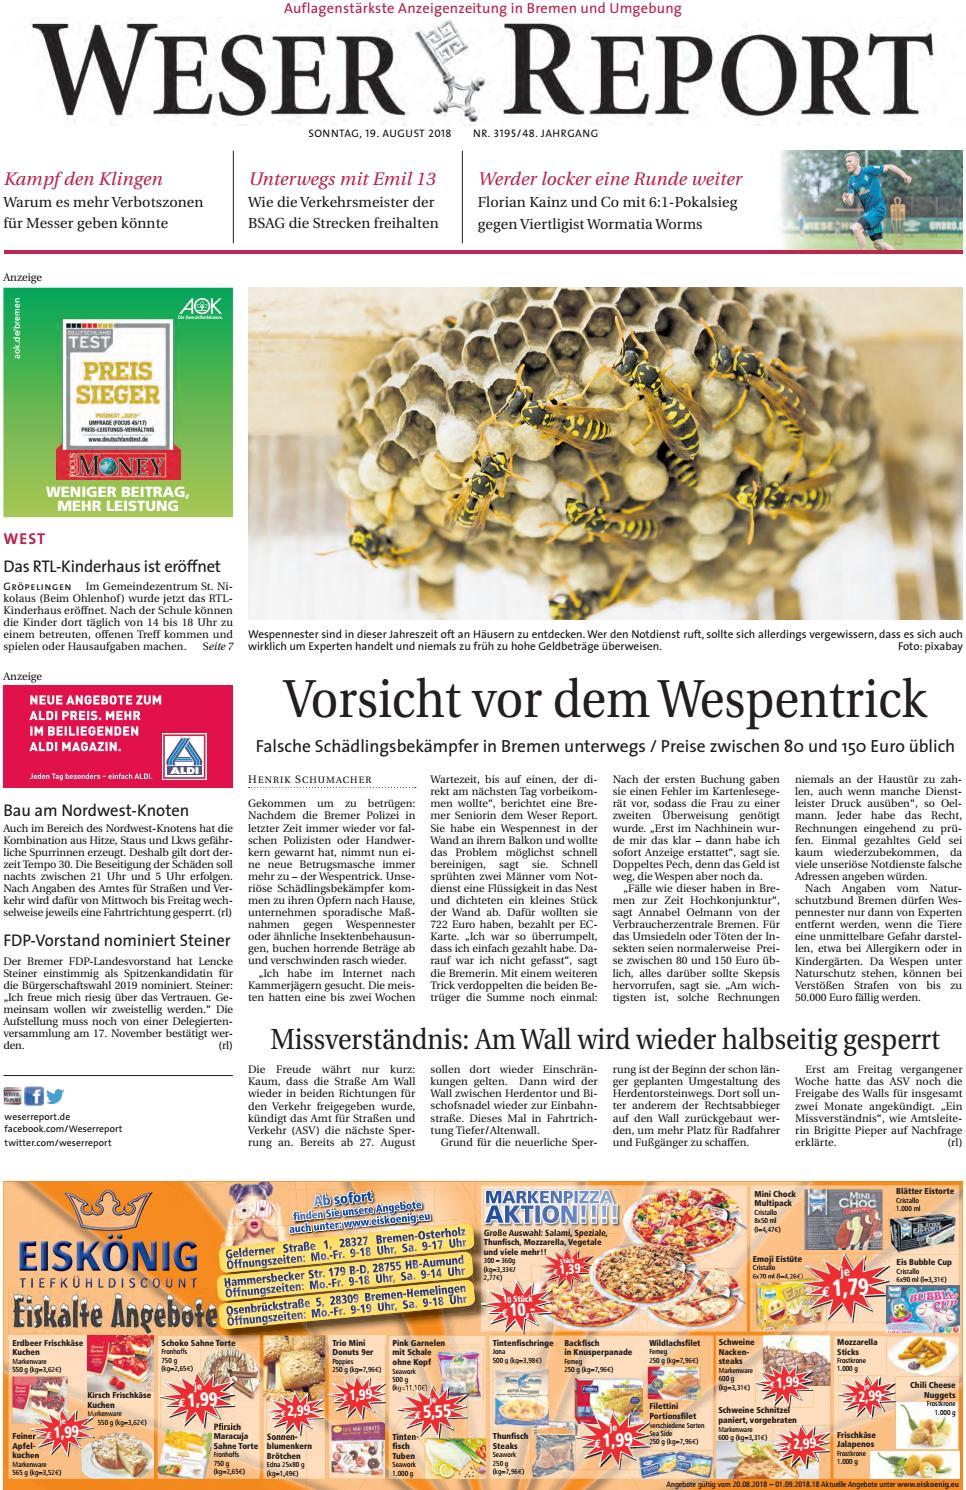 Weser Report - West vom 19.08.2018 by KPS Verlagsgesellschaft mbH - issuu